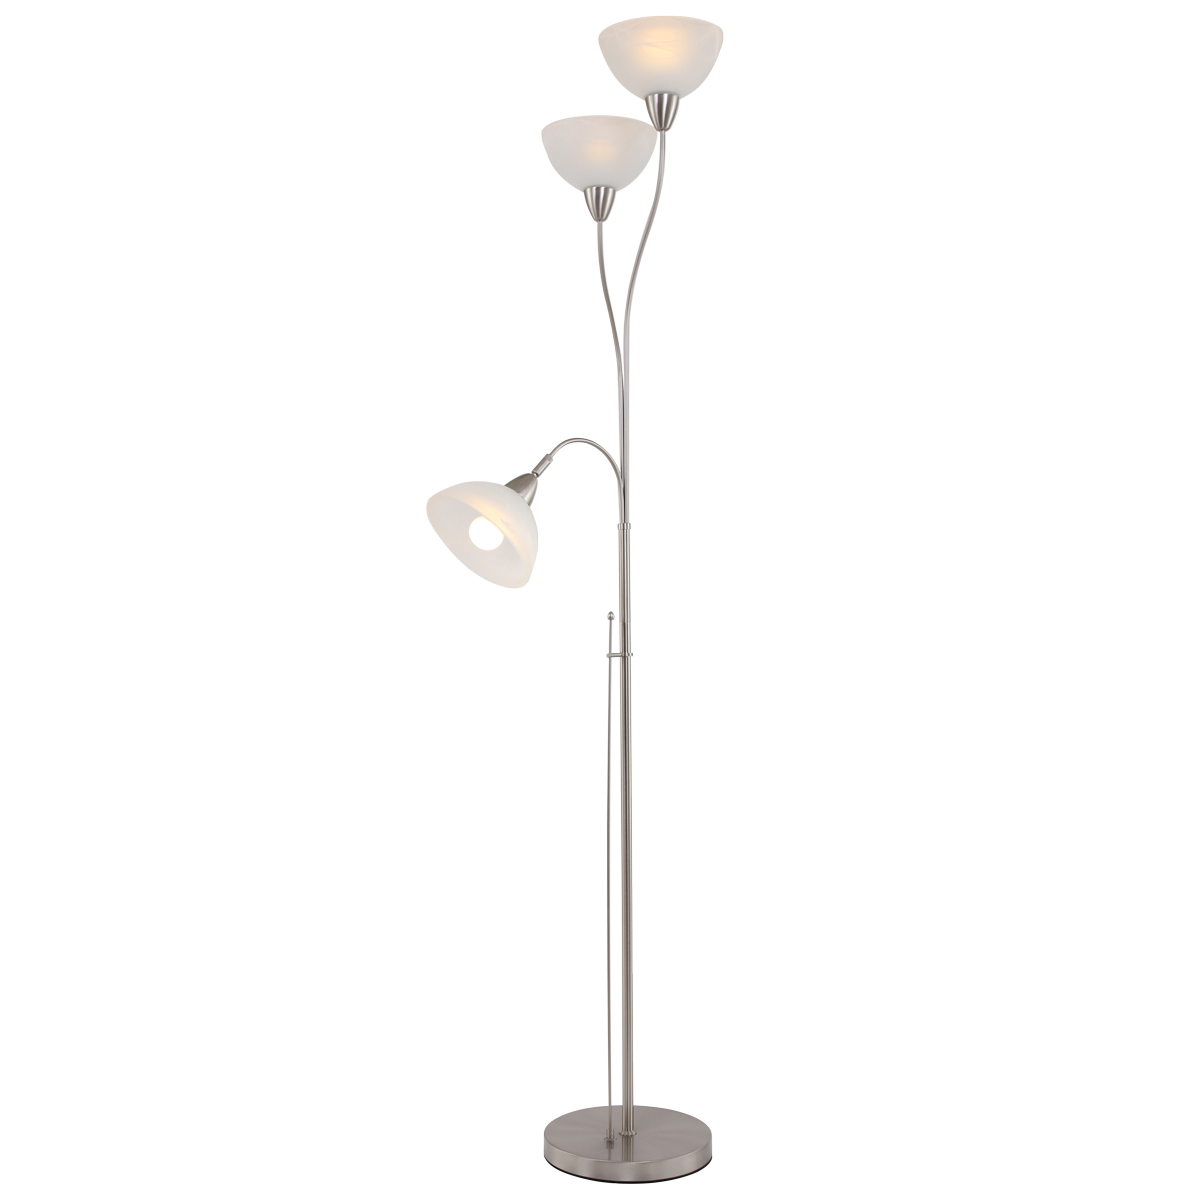 Full Size of Ikea Stehlampen Stehlampe Deckenfluter Metall Silber Wohnzimmer Betten 160x200 Miniküche Sofa Mit Schlaffunktion Küche Kosten Bei Kaufen Modulküche Wohnzimmer Ikea Stehlampen